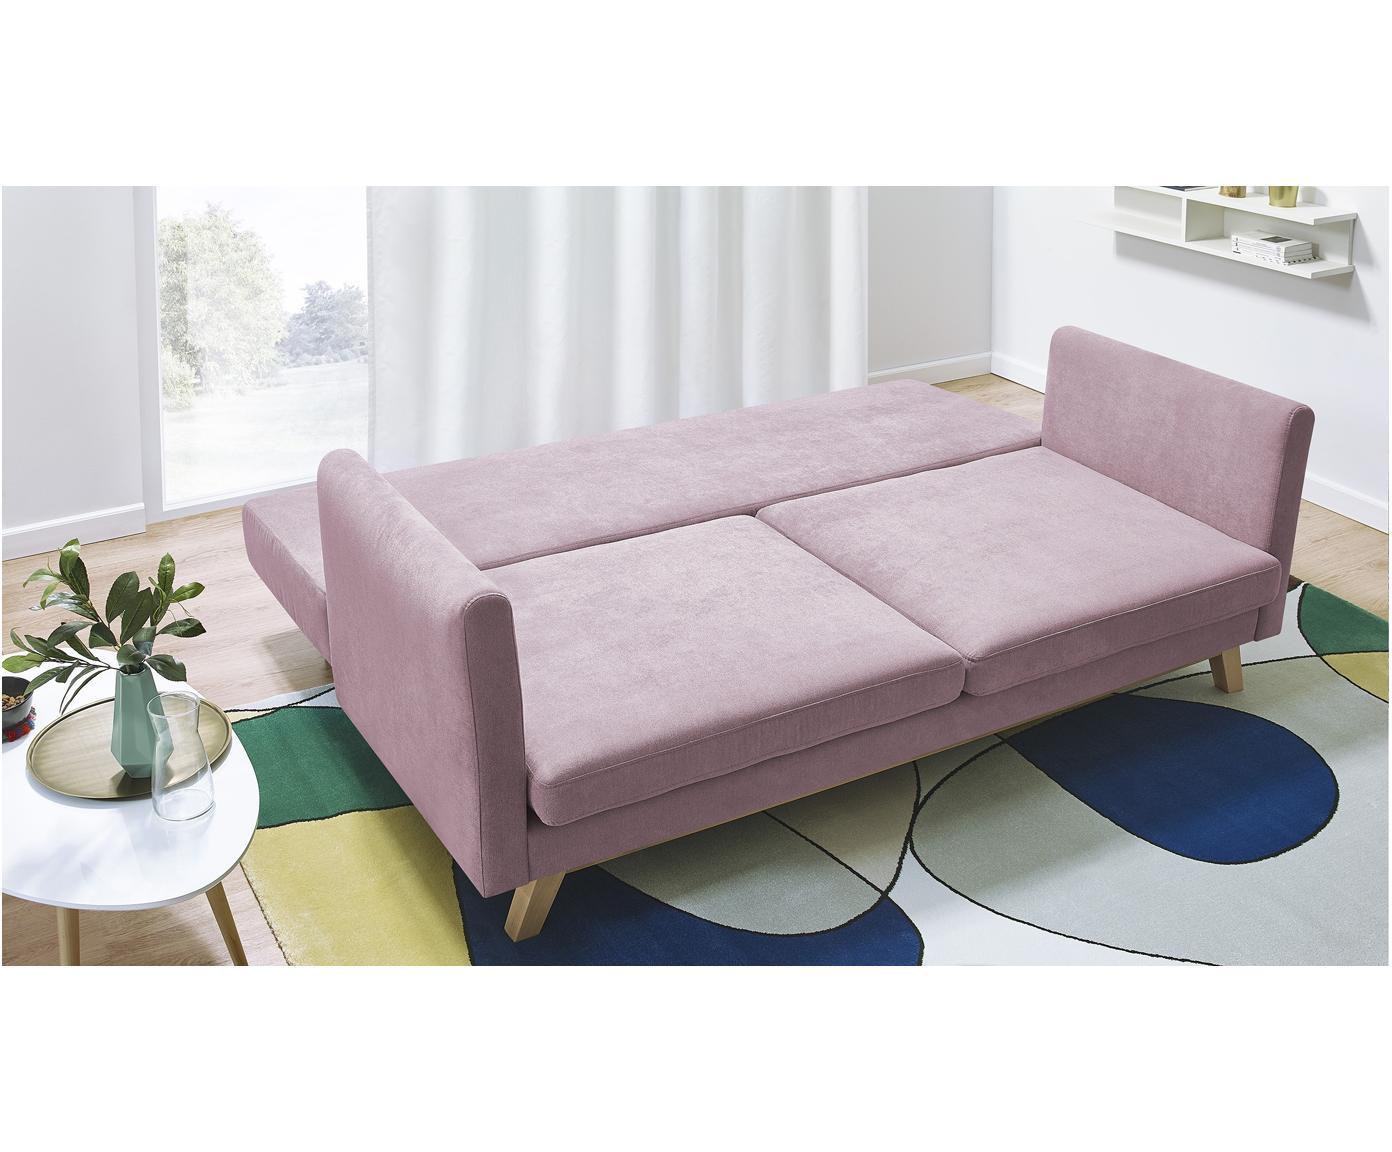 Sofa rozkładana z aksamitu Triplo (3-osobowa), Tapicerka: 100% aksamit poliestrowy, Nogi: metal lakierowany, Blady różowy, S 216 x G 105 cm